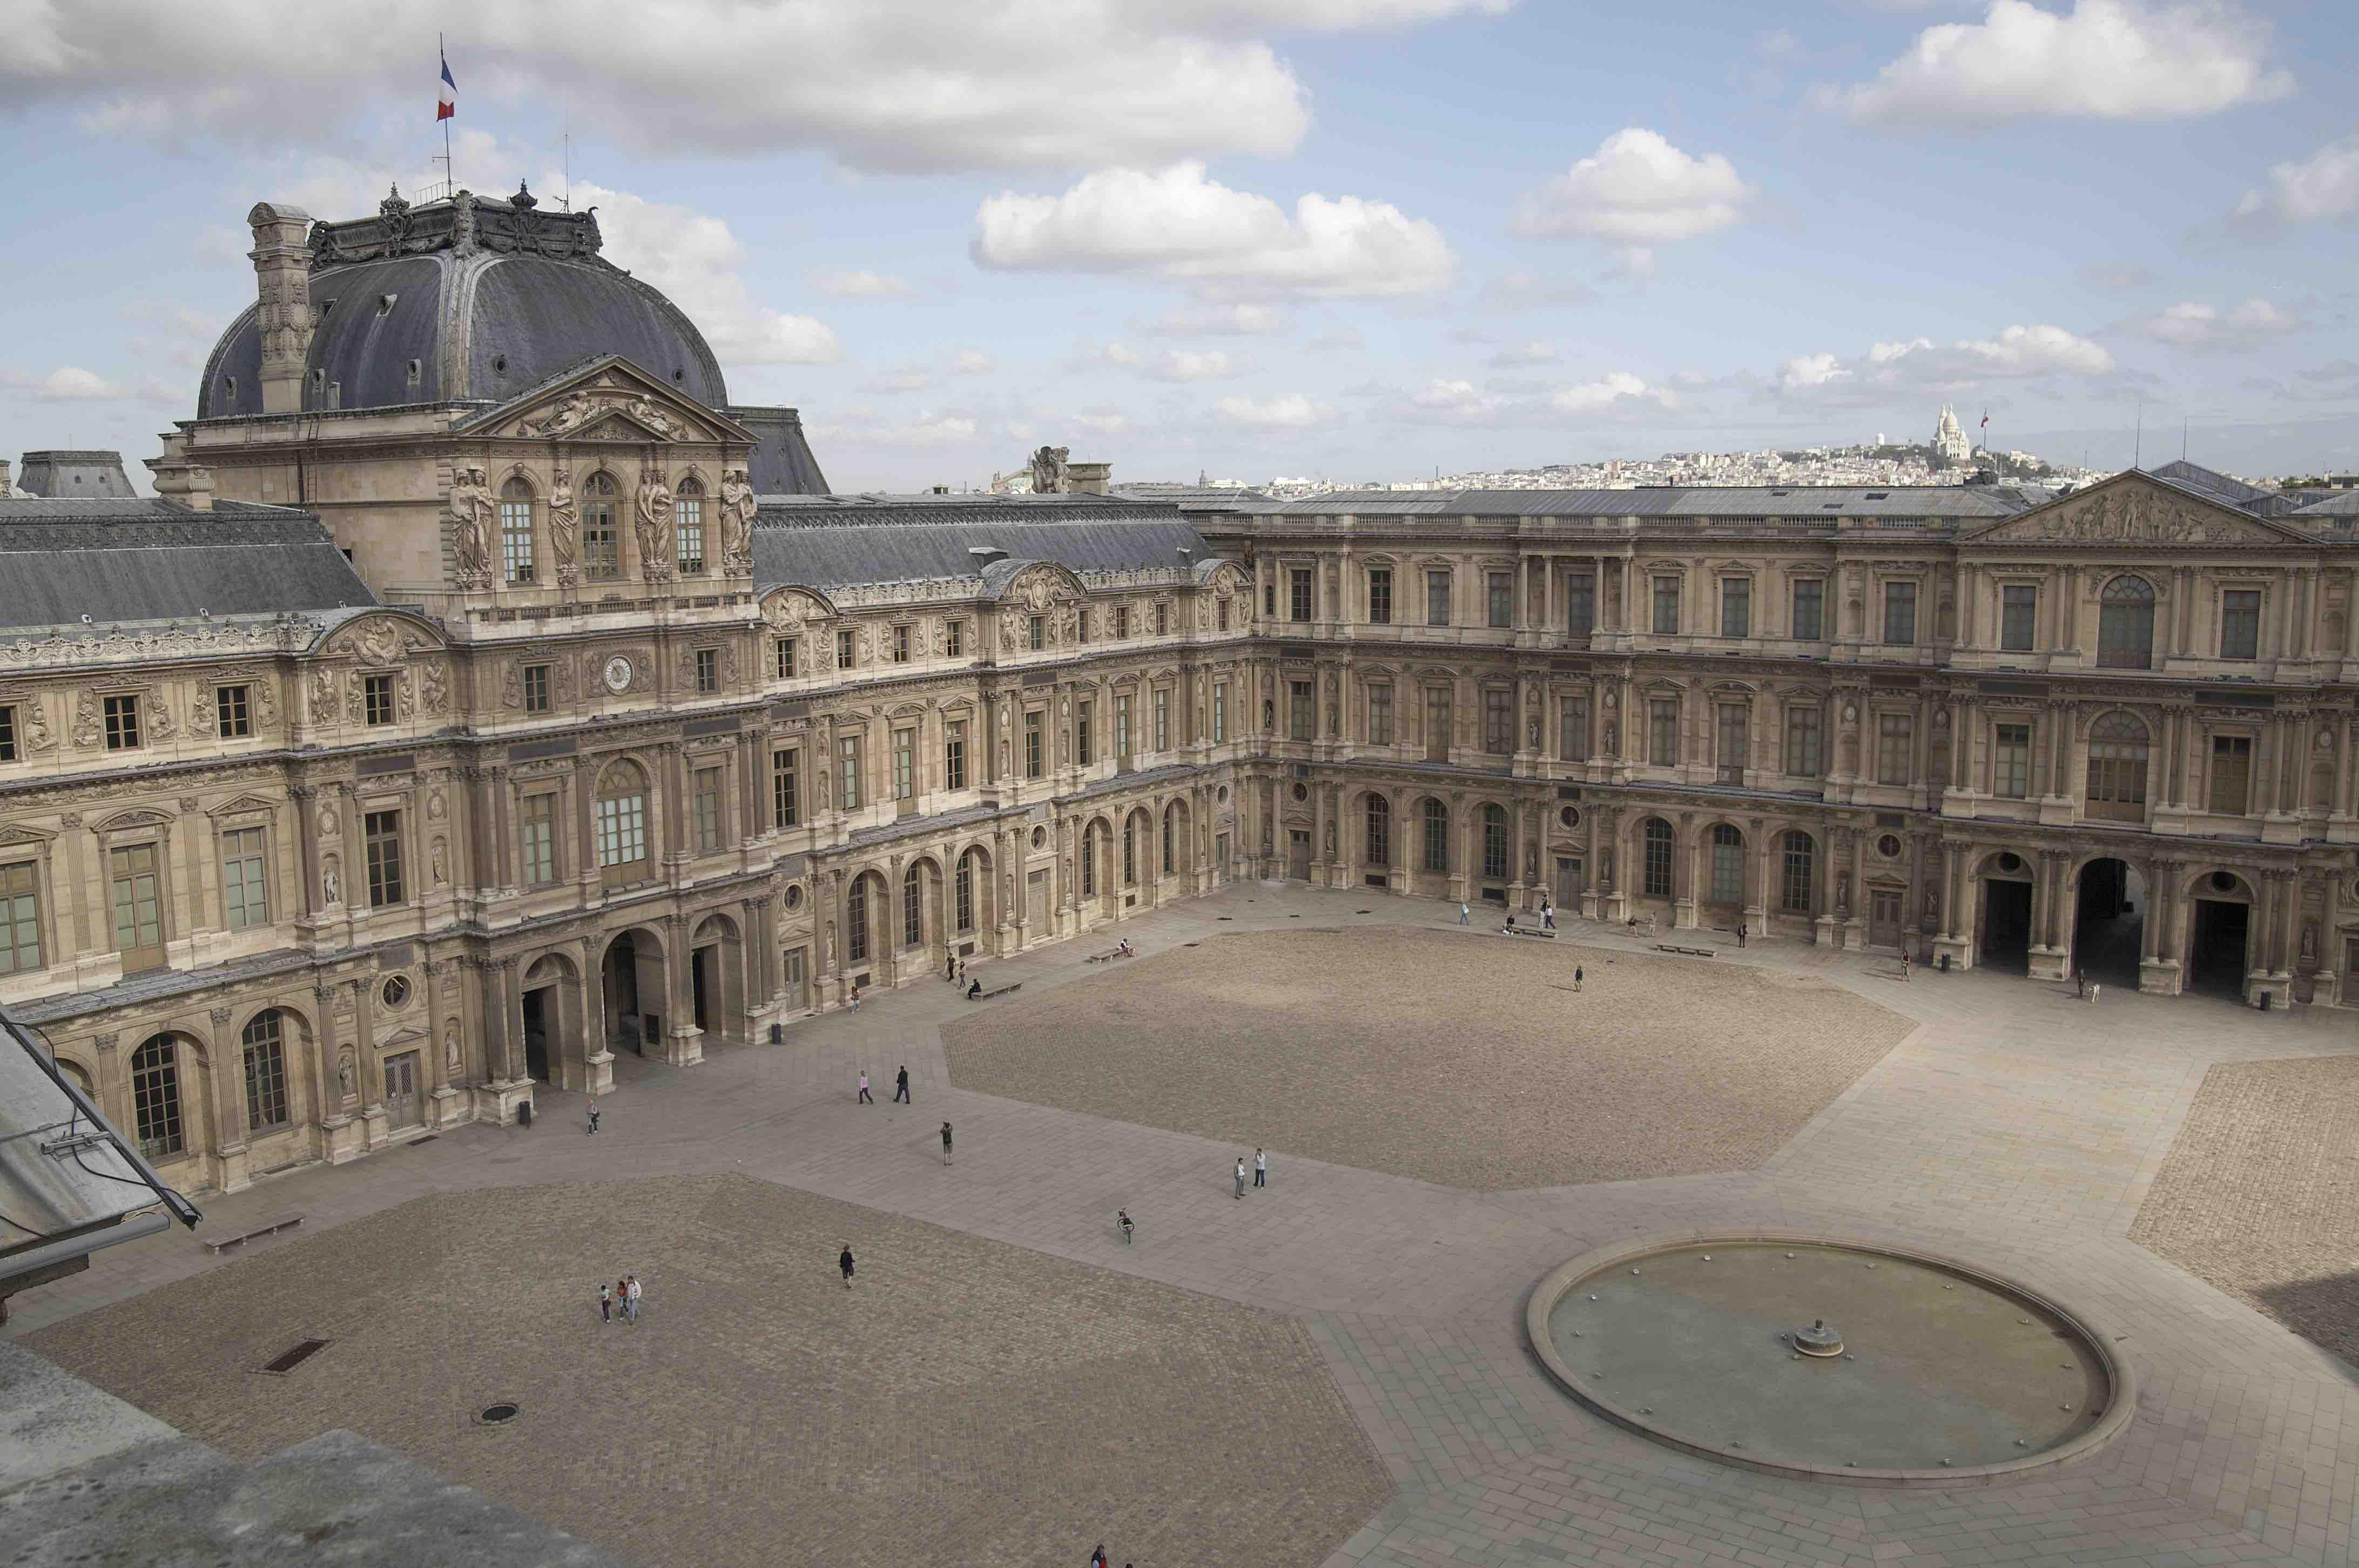 Cour Carrée, pavillon de l'horloge ou Sully © Musée du Louvre / Angèle Dequier